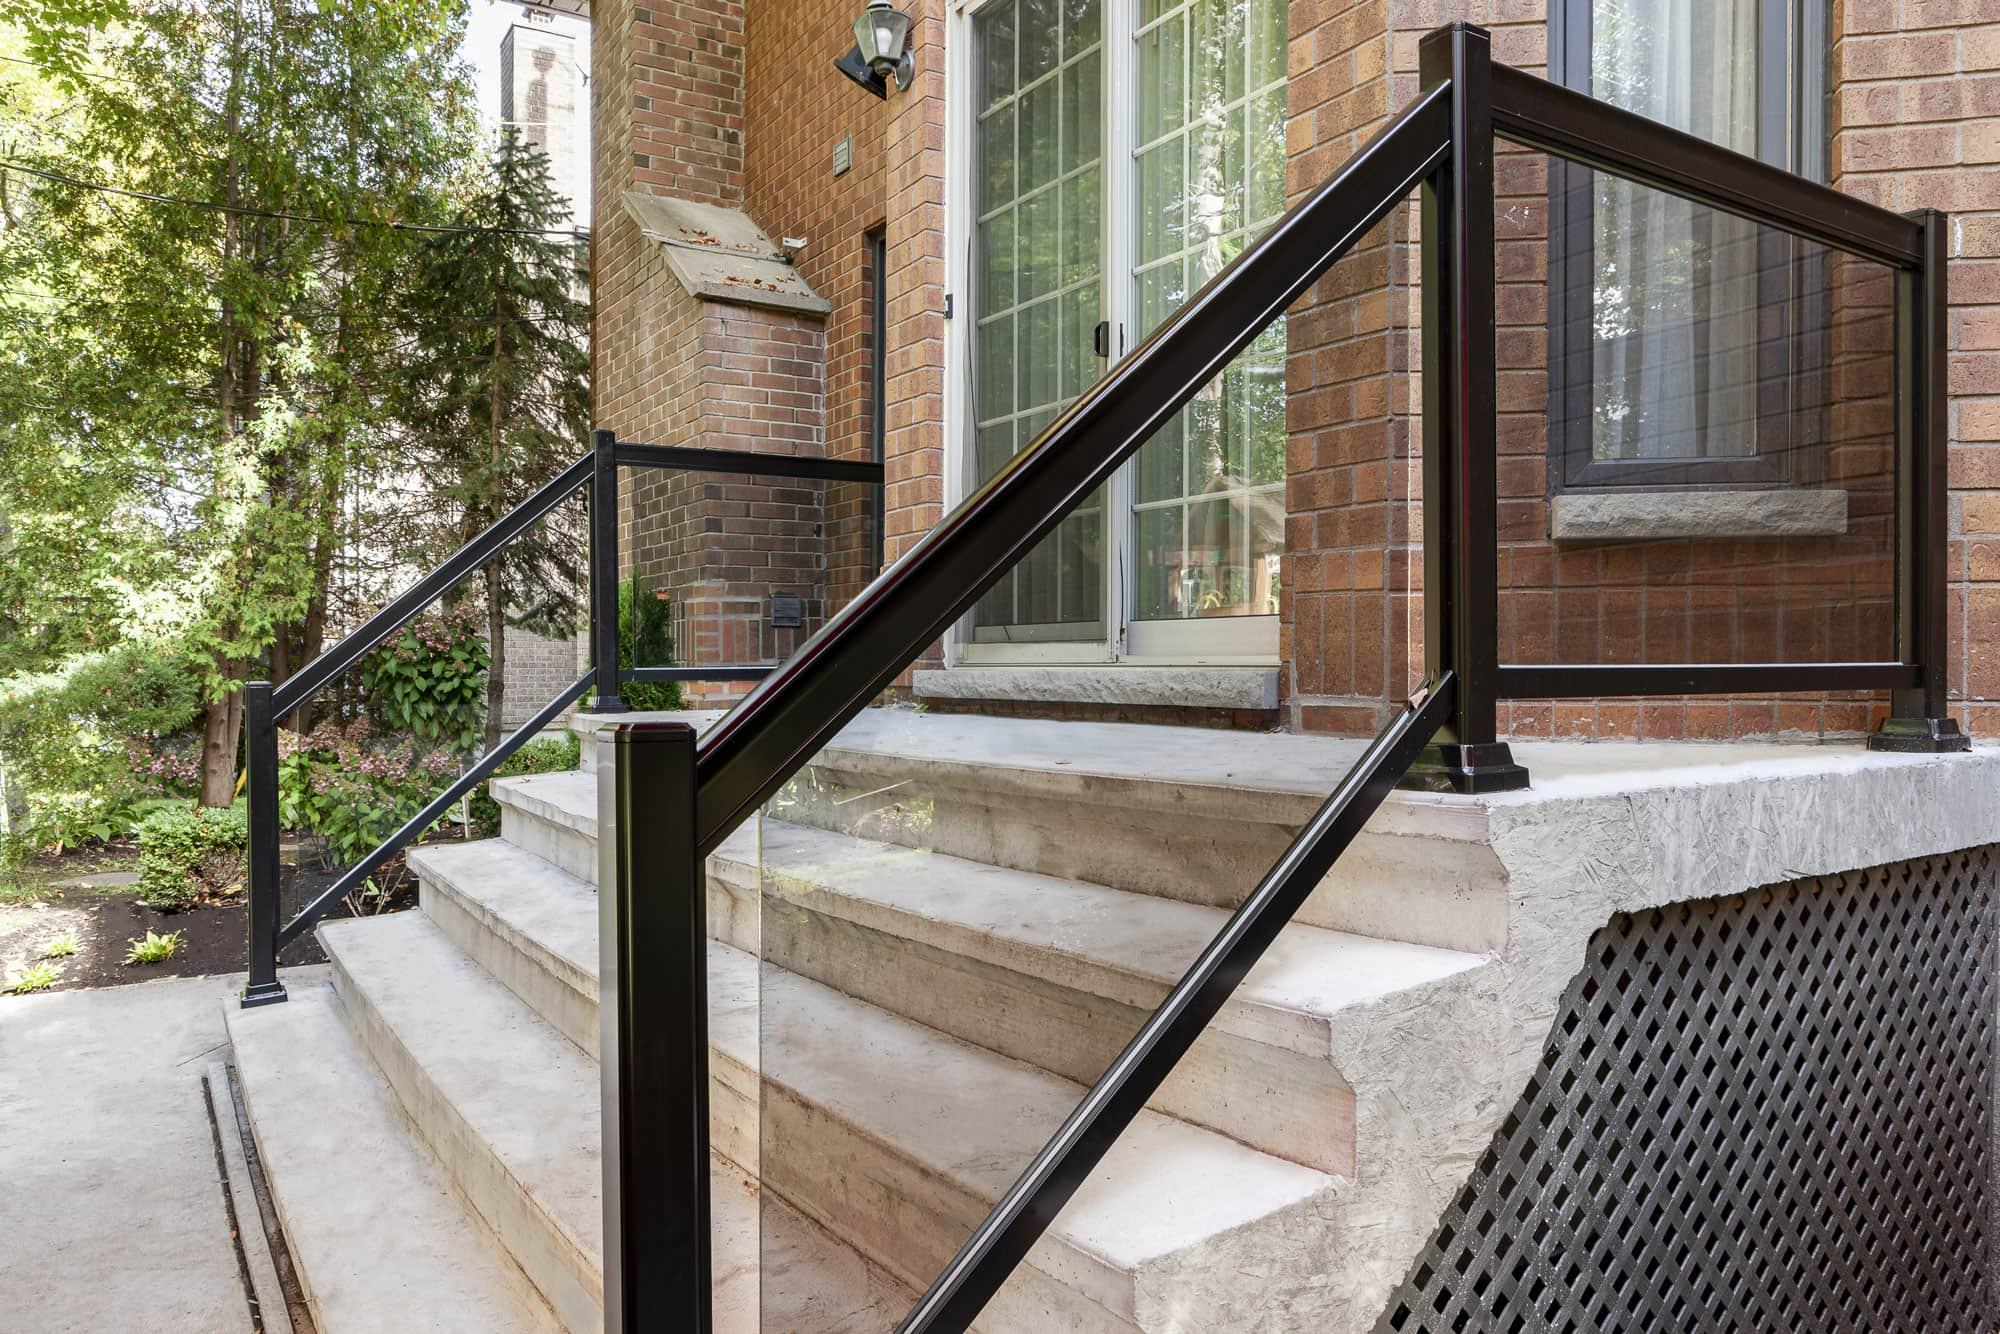 Escalier Beton Exterieur Prix exemple de balcon et terrasse en béton   photos avant/après